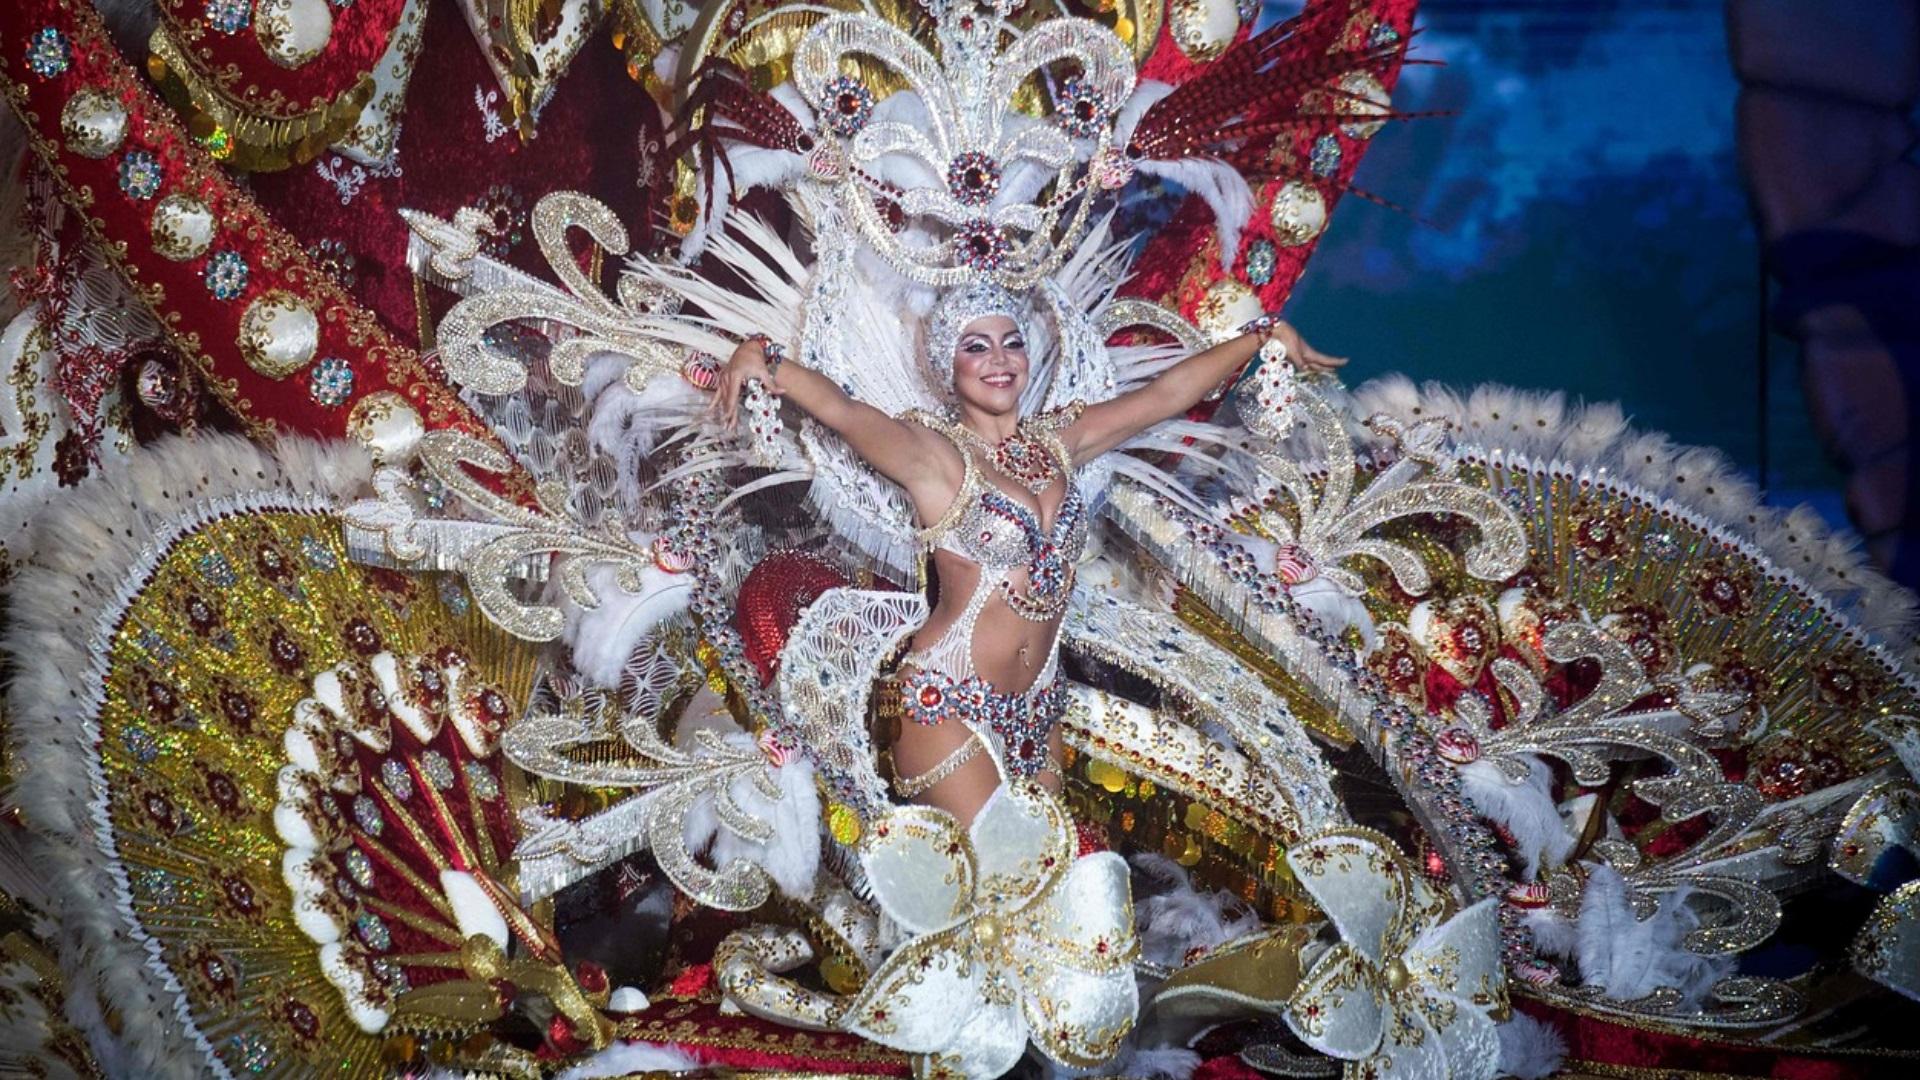 0a71668ae Carnaval Santa Cruz de Tenerife 2019 - Gala Elección de la Reina